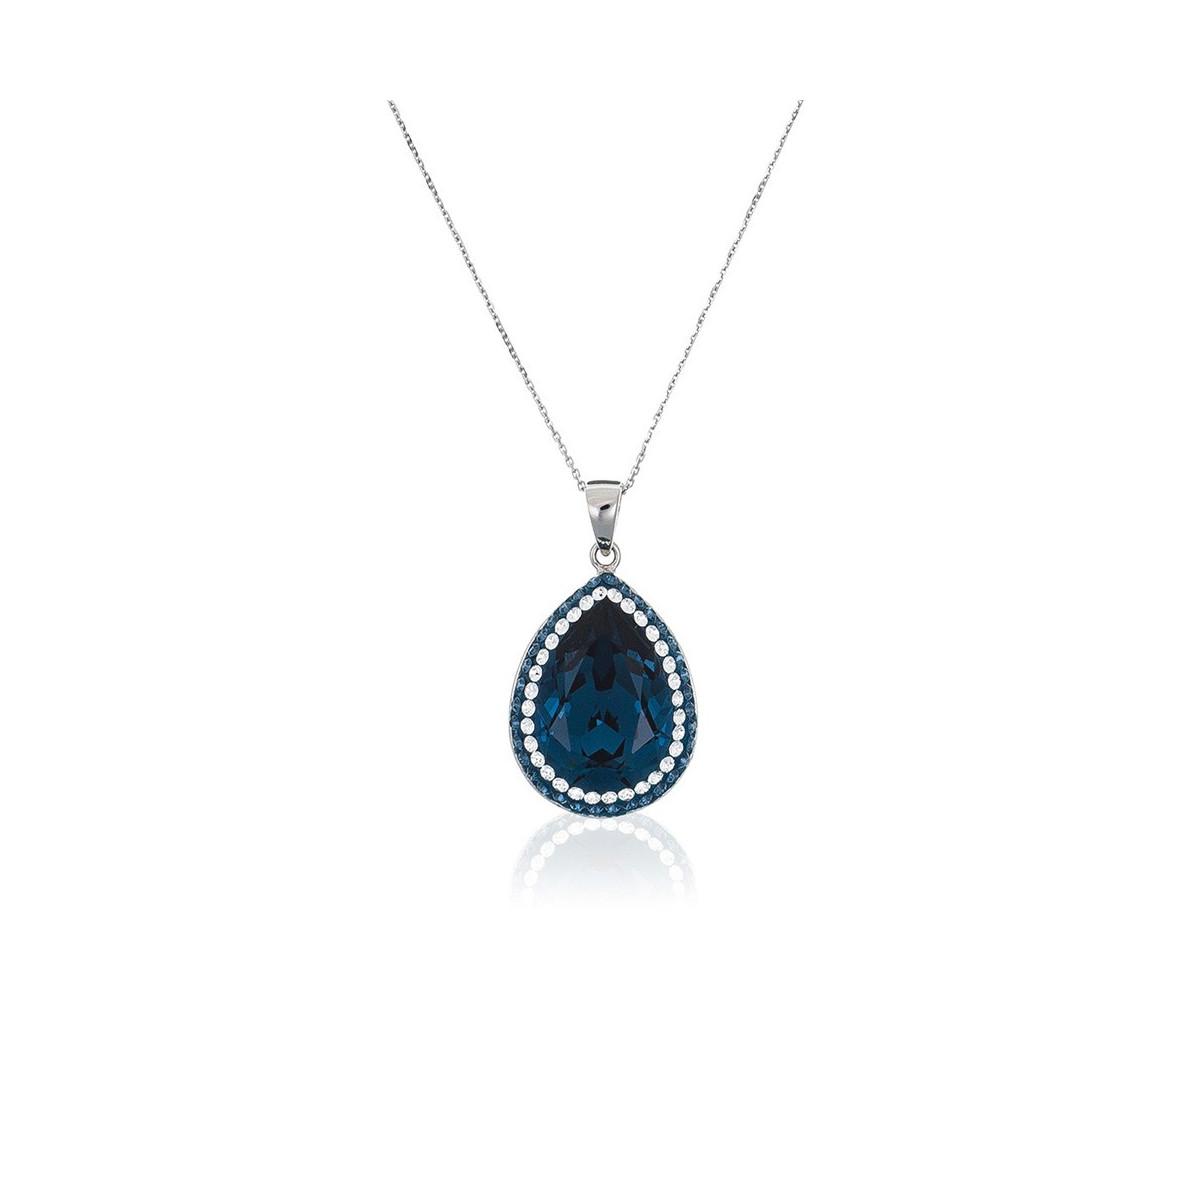 Pendentif + Chaîne Droppy Métal Argenté Orné de Cristaux Swarovski Elements Bleu